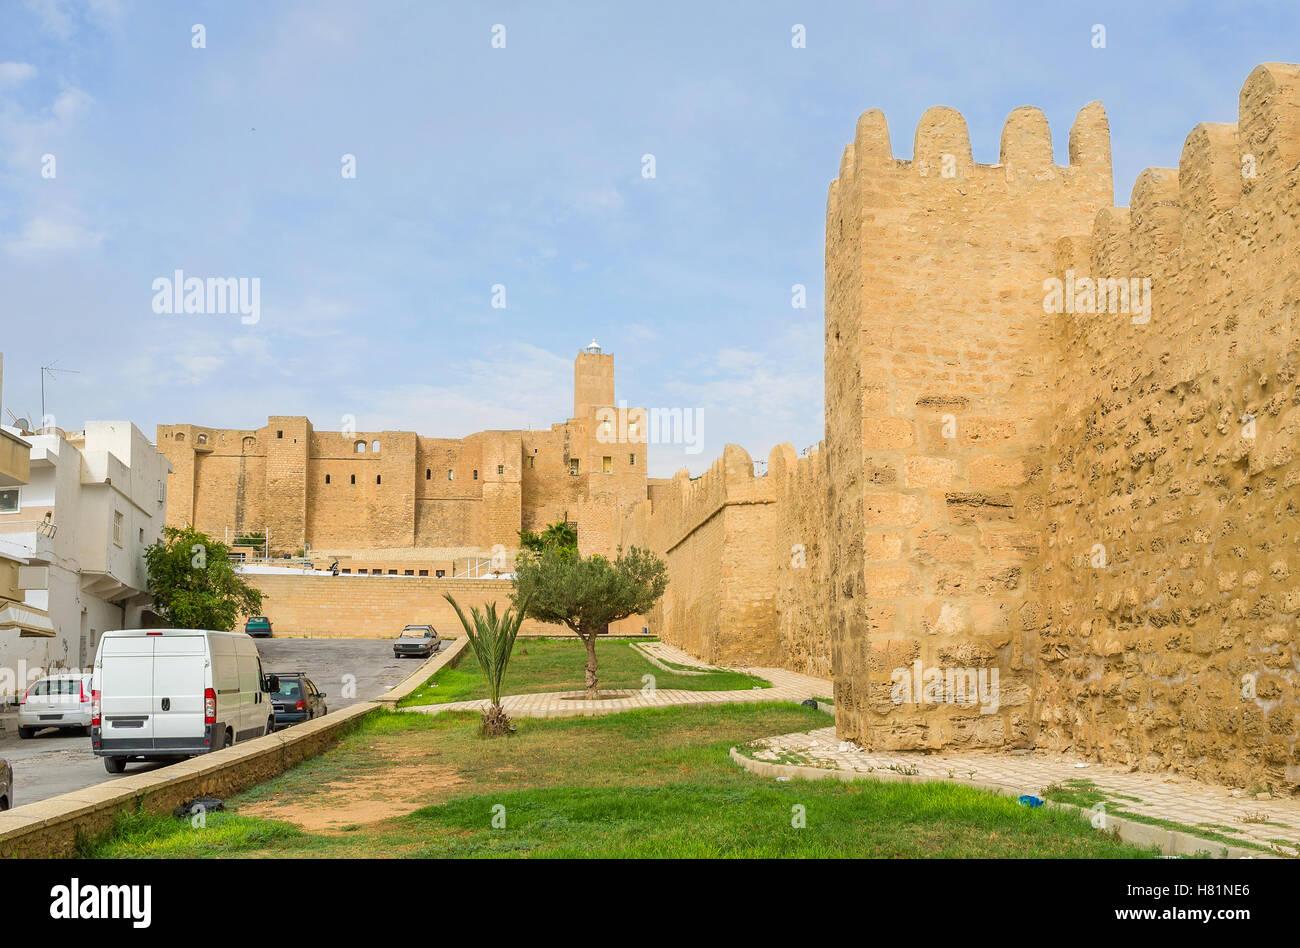 L'agréable promenade à travers les jardins le long du rempart de Medina Sousse, Tunisie. Photo Stock